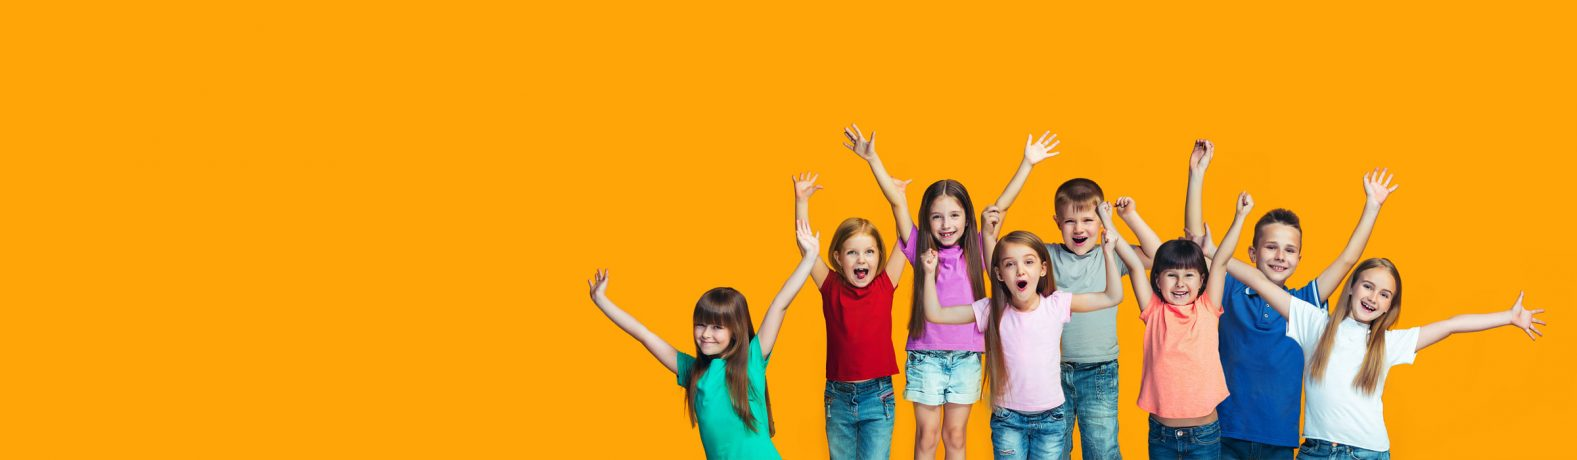 Kinder heben die Hände in die Luft